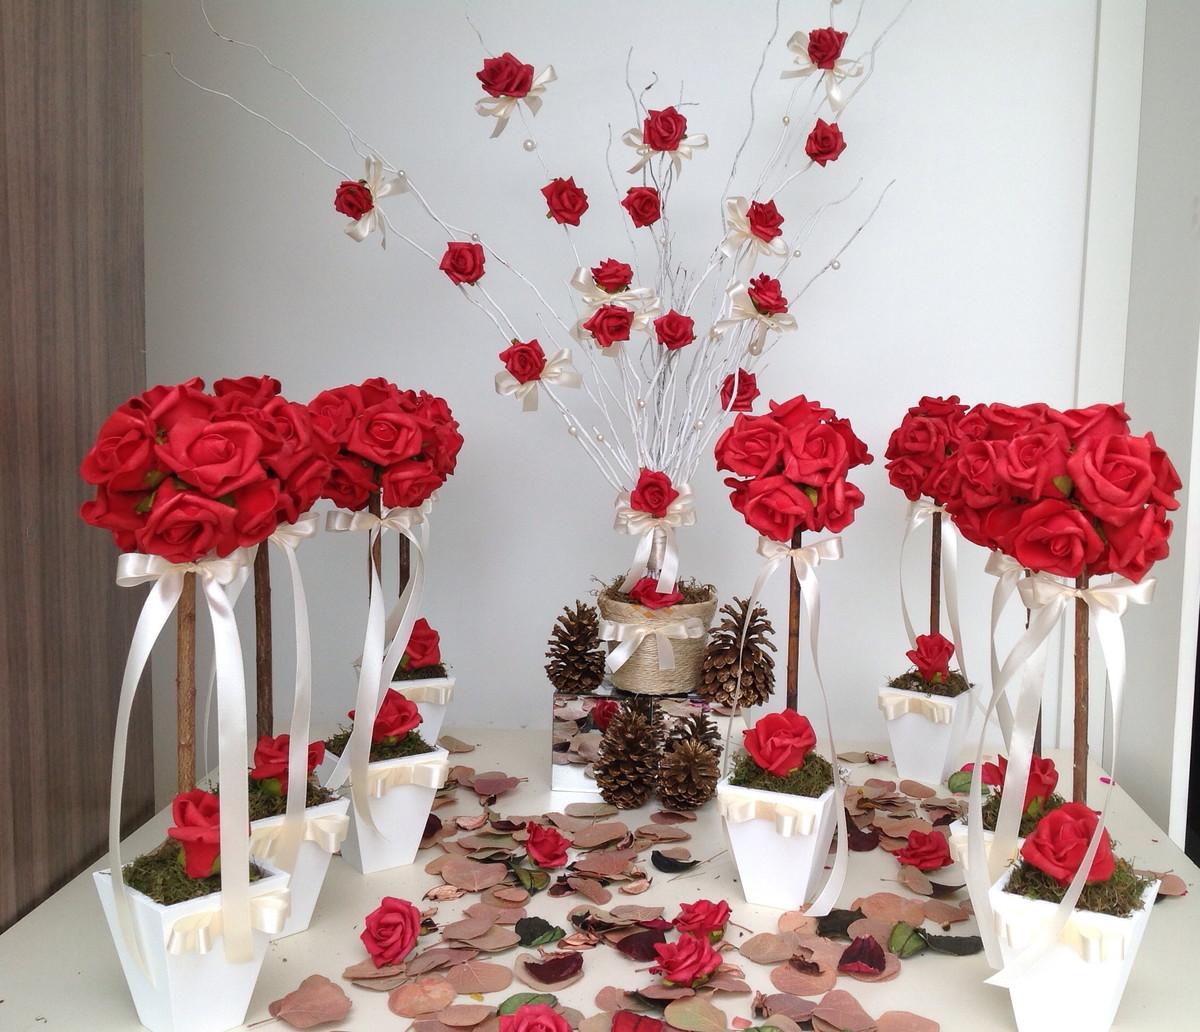 decoracao tudo branco:decoracao-vermelho-para-festa-vii-decoracao-festa-bodas kit-decoracao